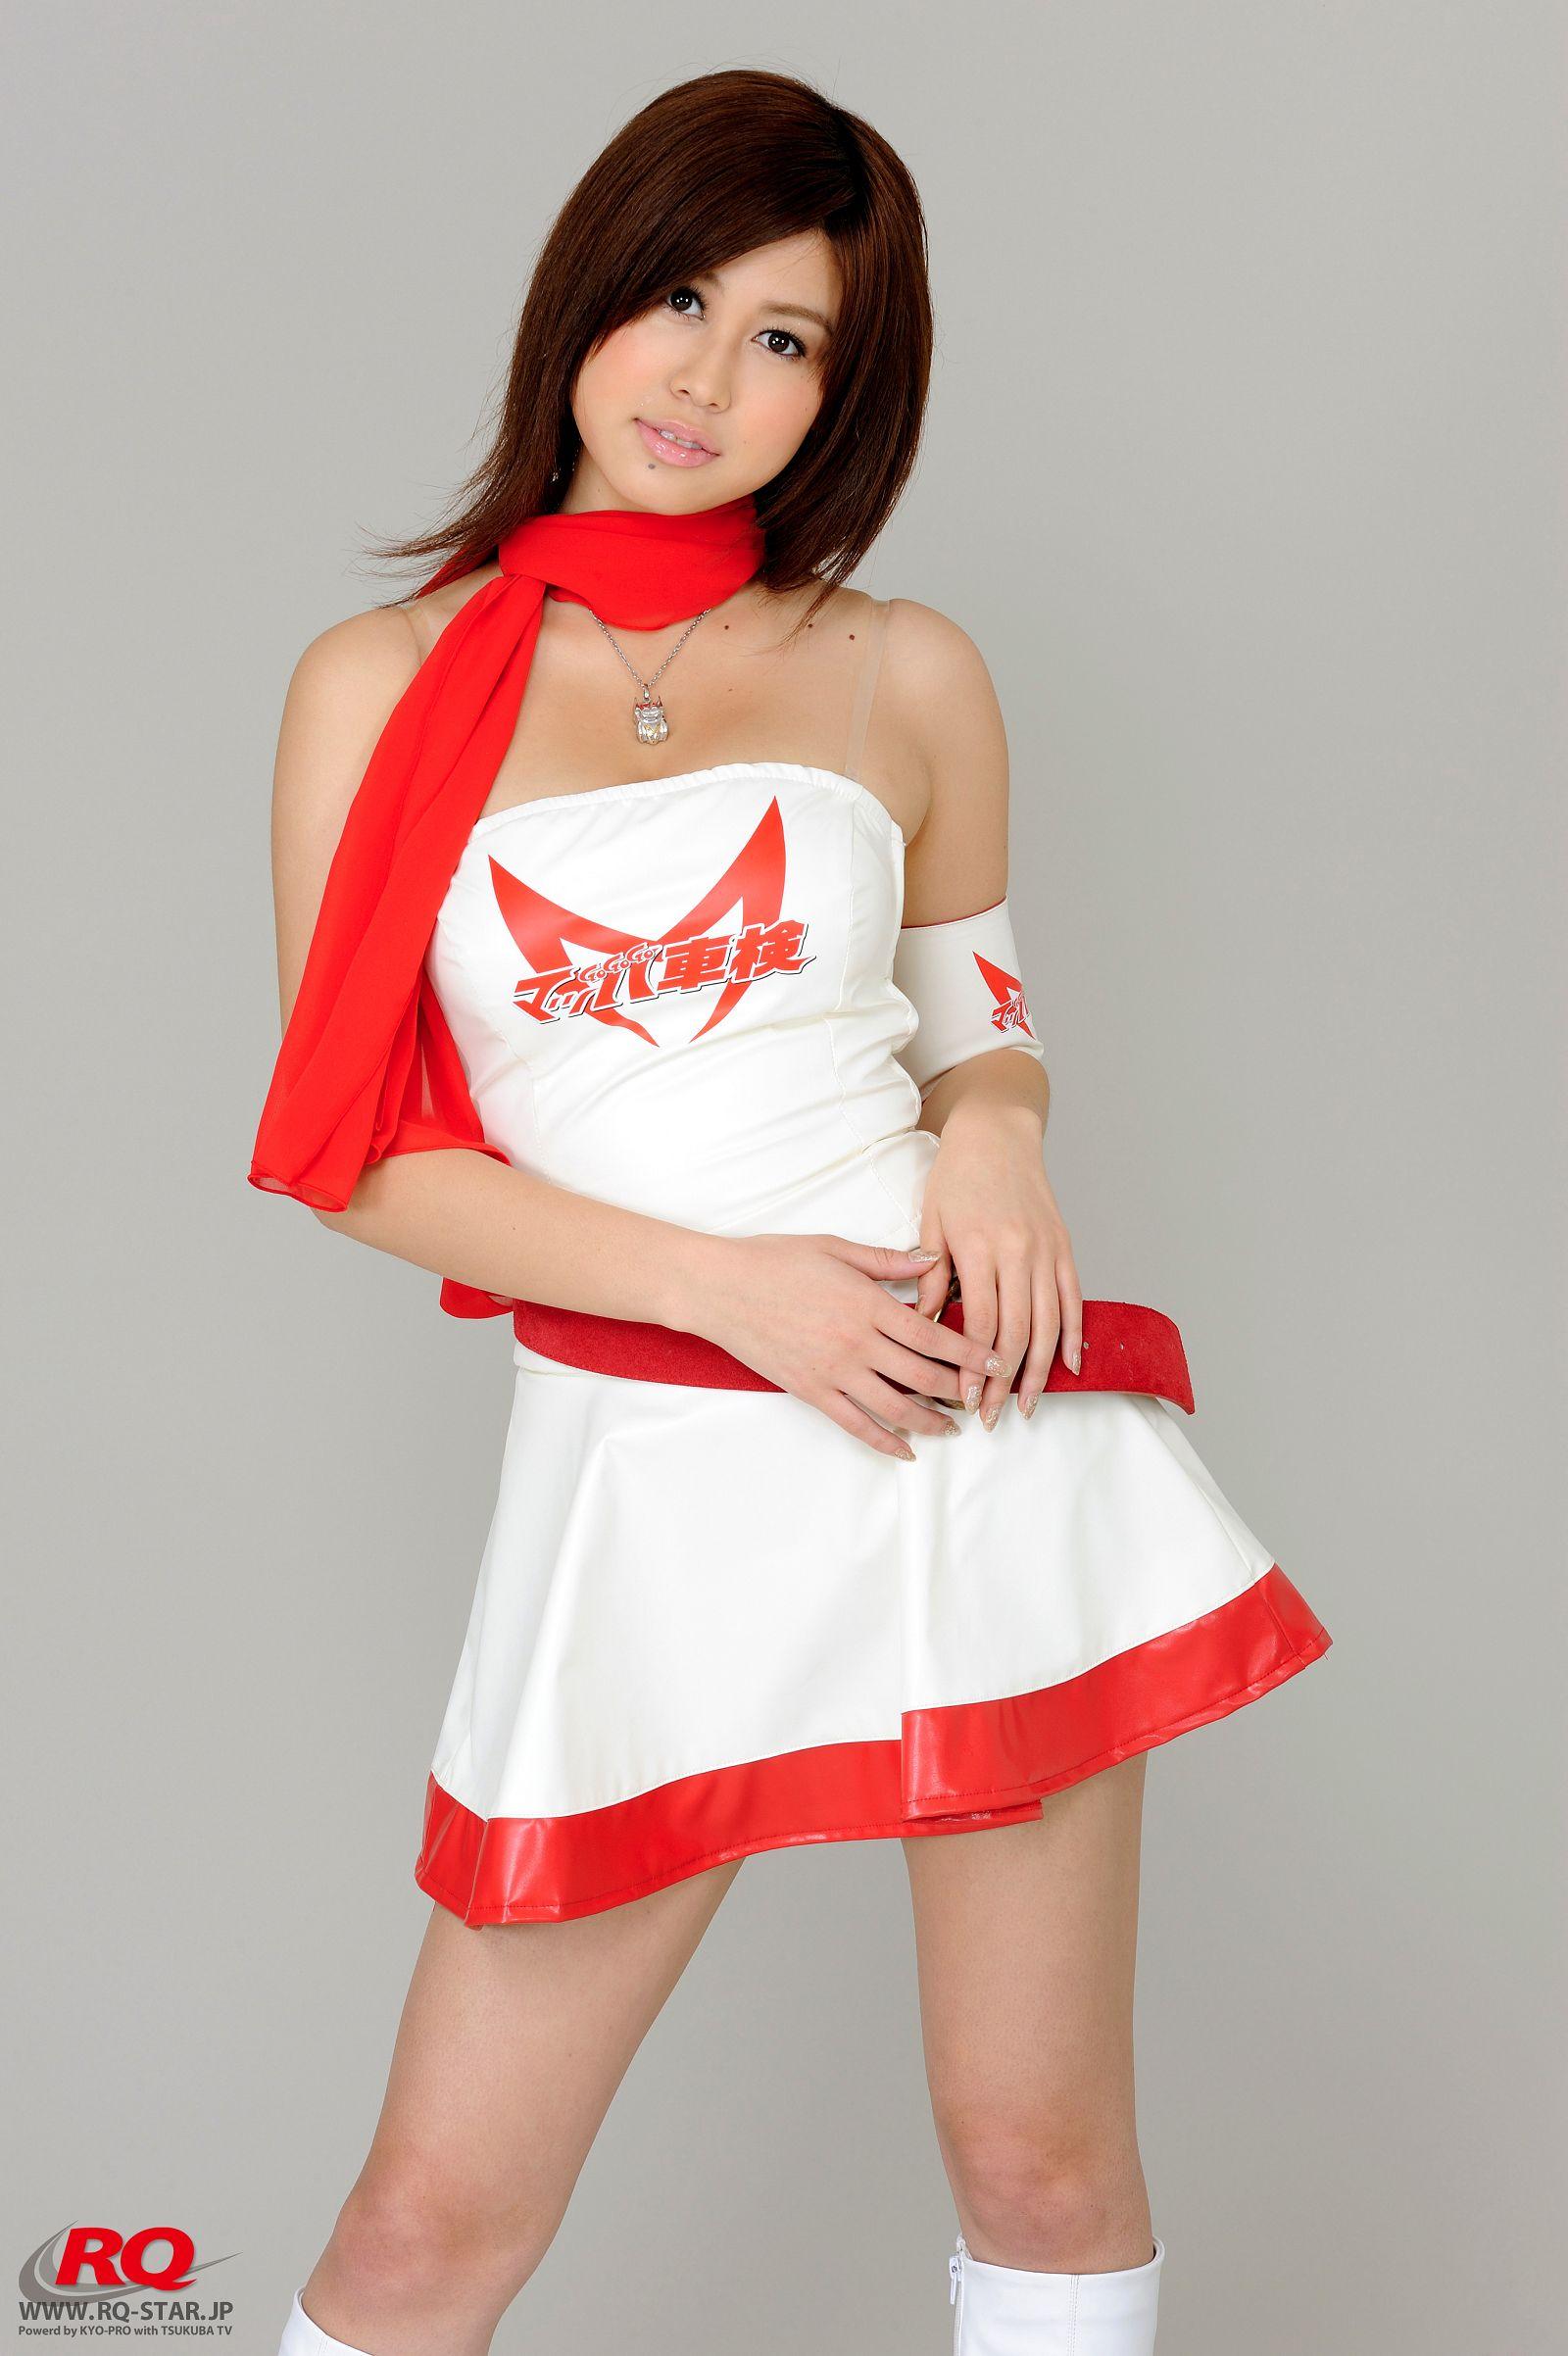 [RQ STAR美女] NO.0001 – Airi Nagasaku 永作あいり Race Queen – Team Mach #1[142P] RQ STAR 第4张